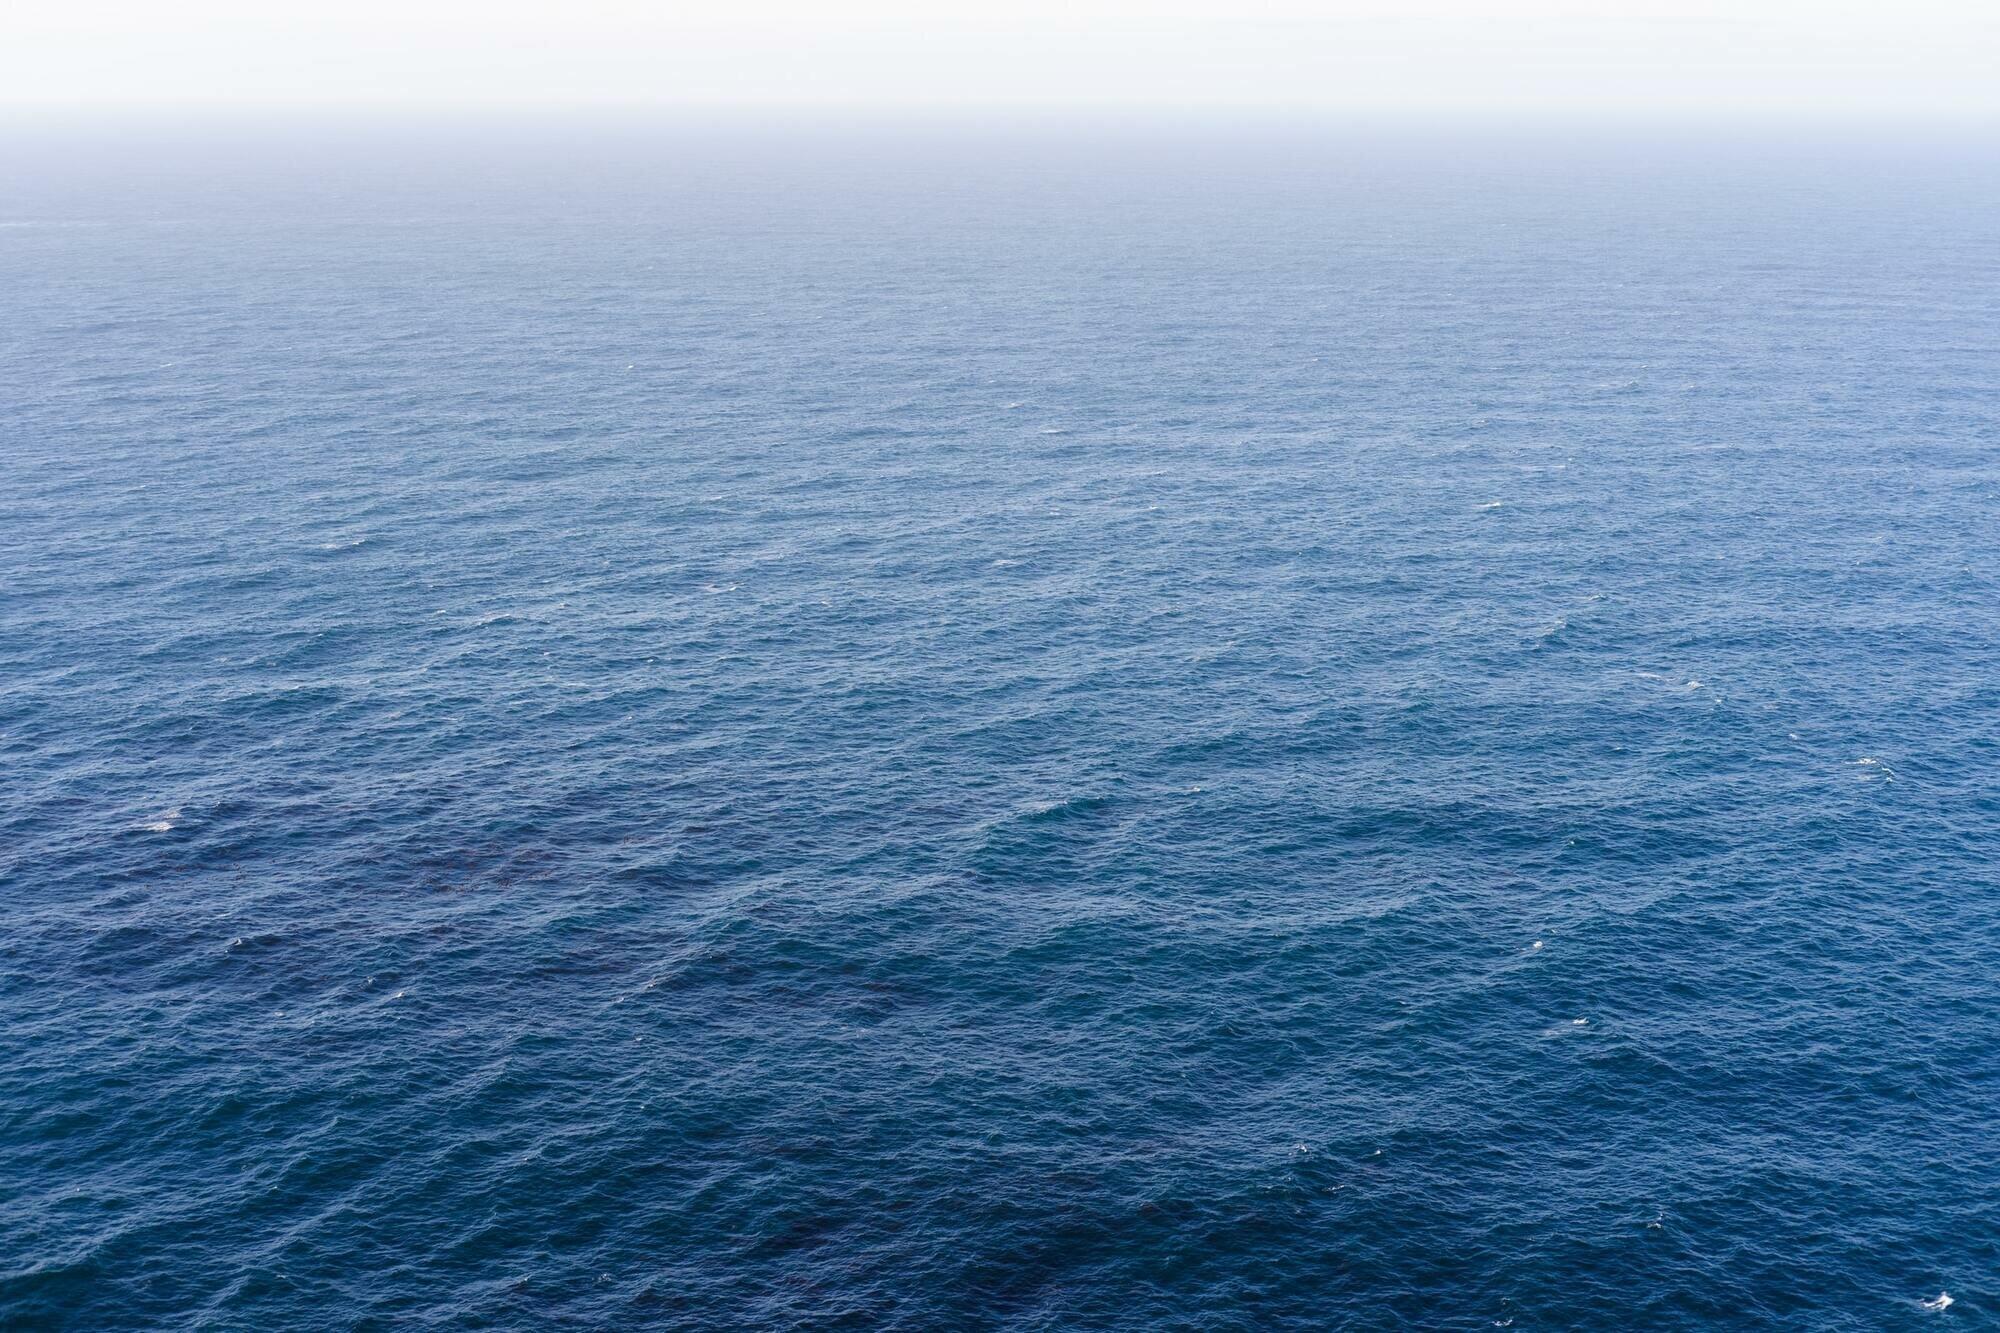 Мировой океан занимает более 70% поверхности Земли